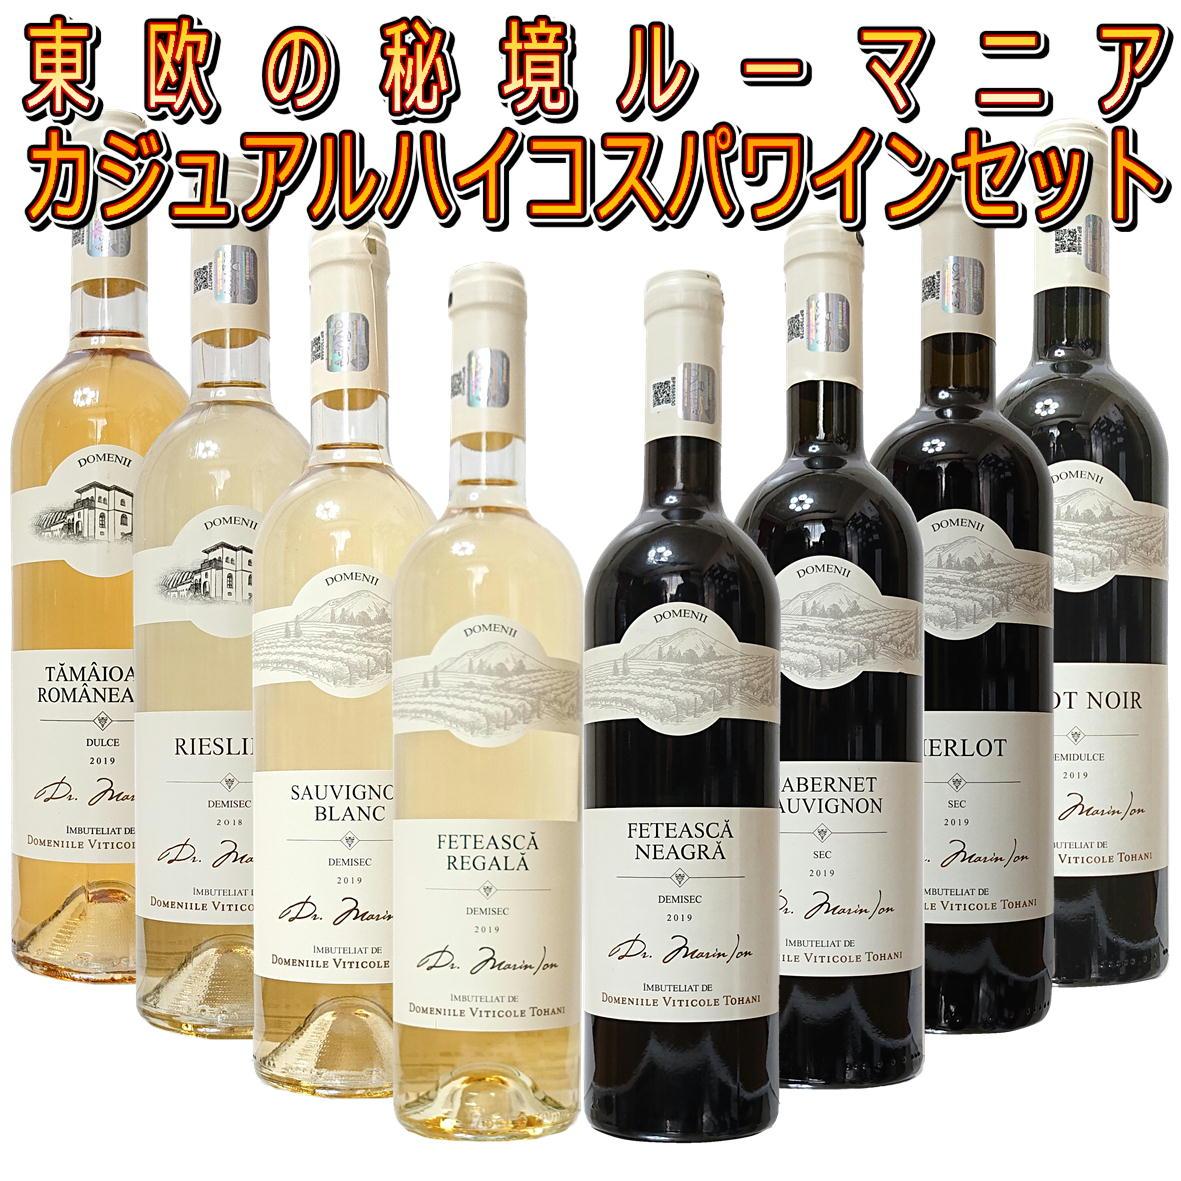 自由に選べるセット ルーマニアワインセット 送料無料 ルーマニアワインを自由に選べるセット カジュアルワインシリーズ version.4 メイルオーダー トハニを堪能する赤白ミックスセット お見舞い 8種類の中から6本をお好きに組み合わせ ドメニーレ